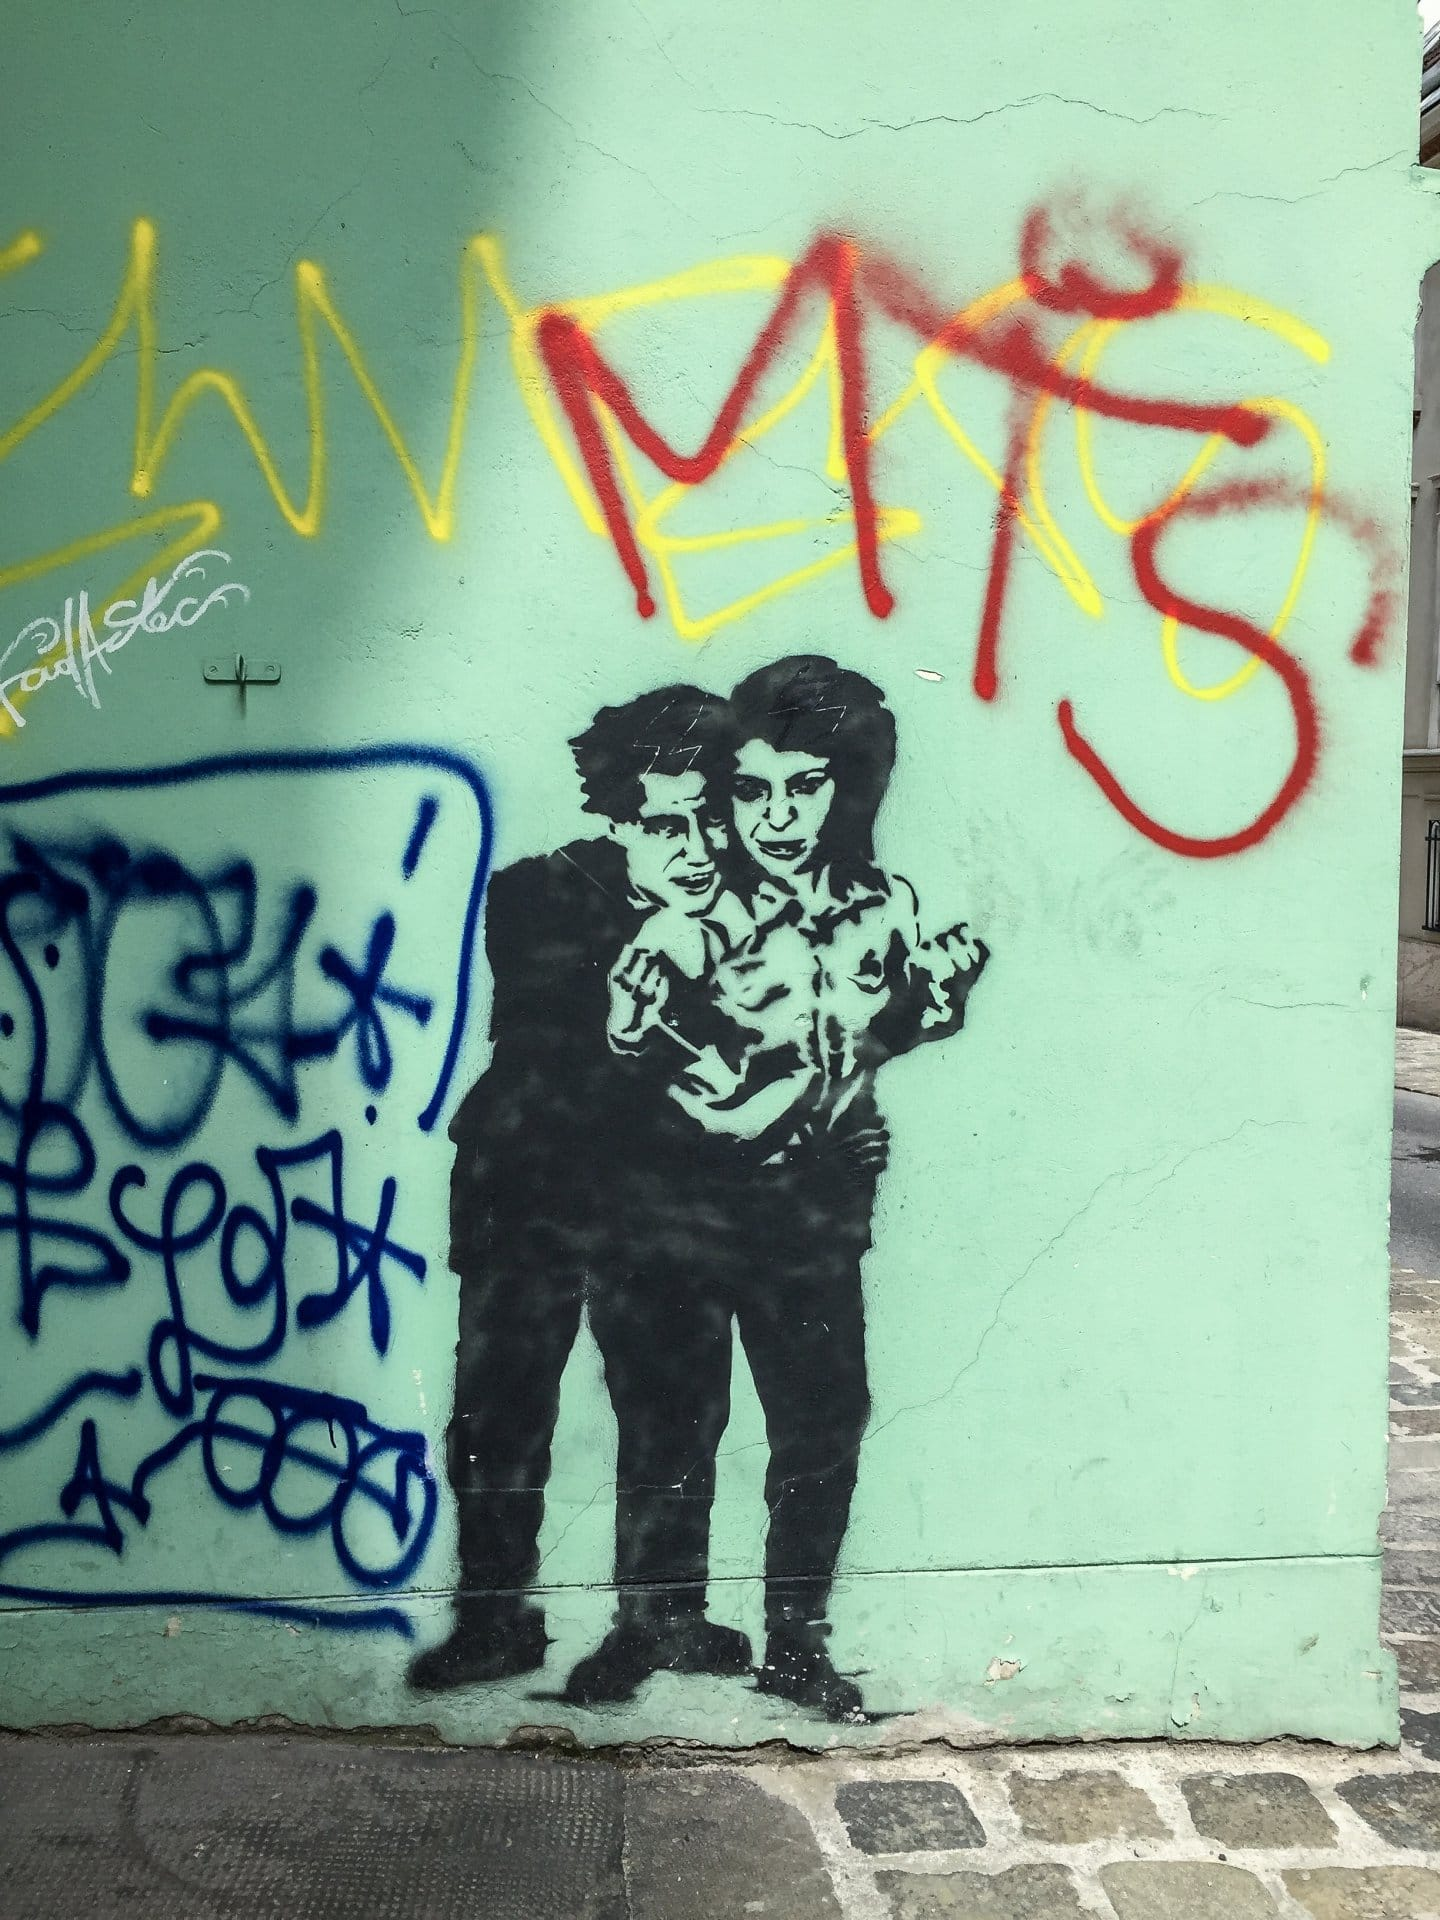 2016 04 25 graffiti